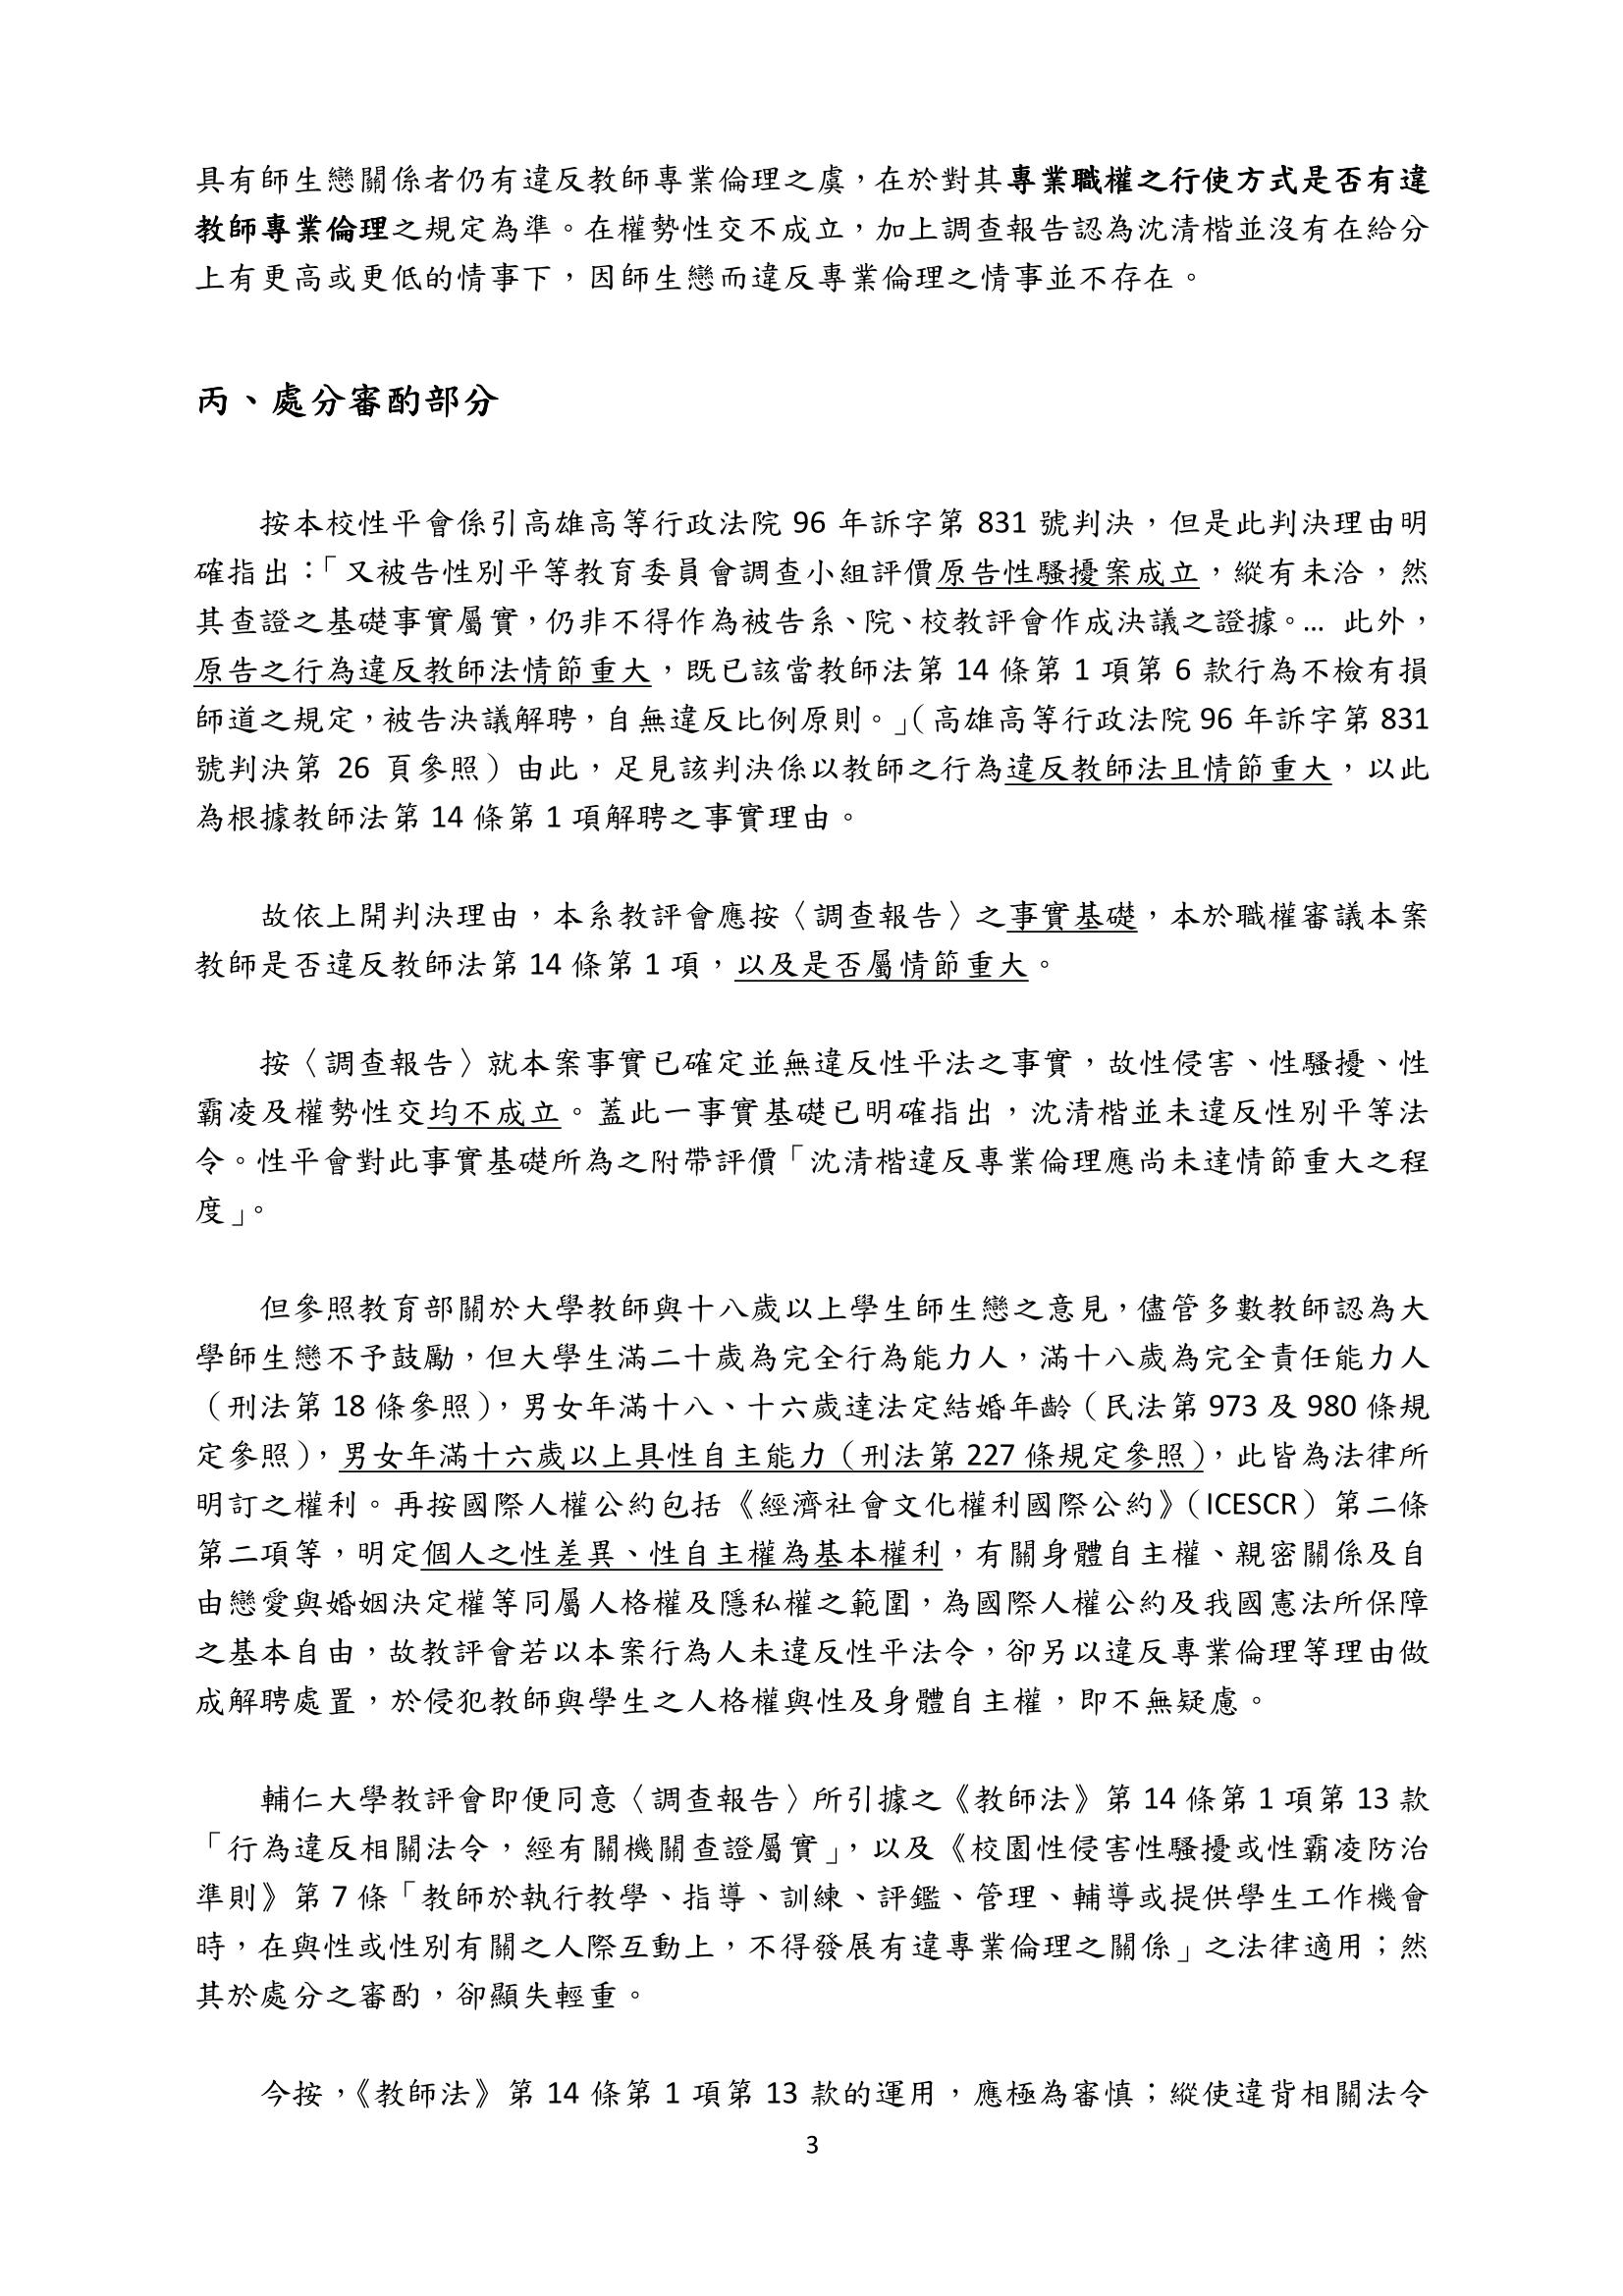 20190626致教評會意見陳述書-3.png